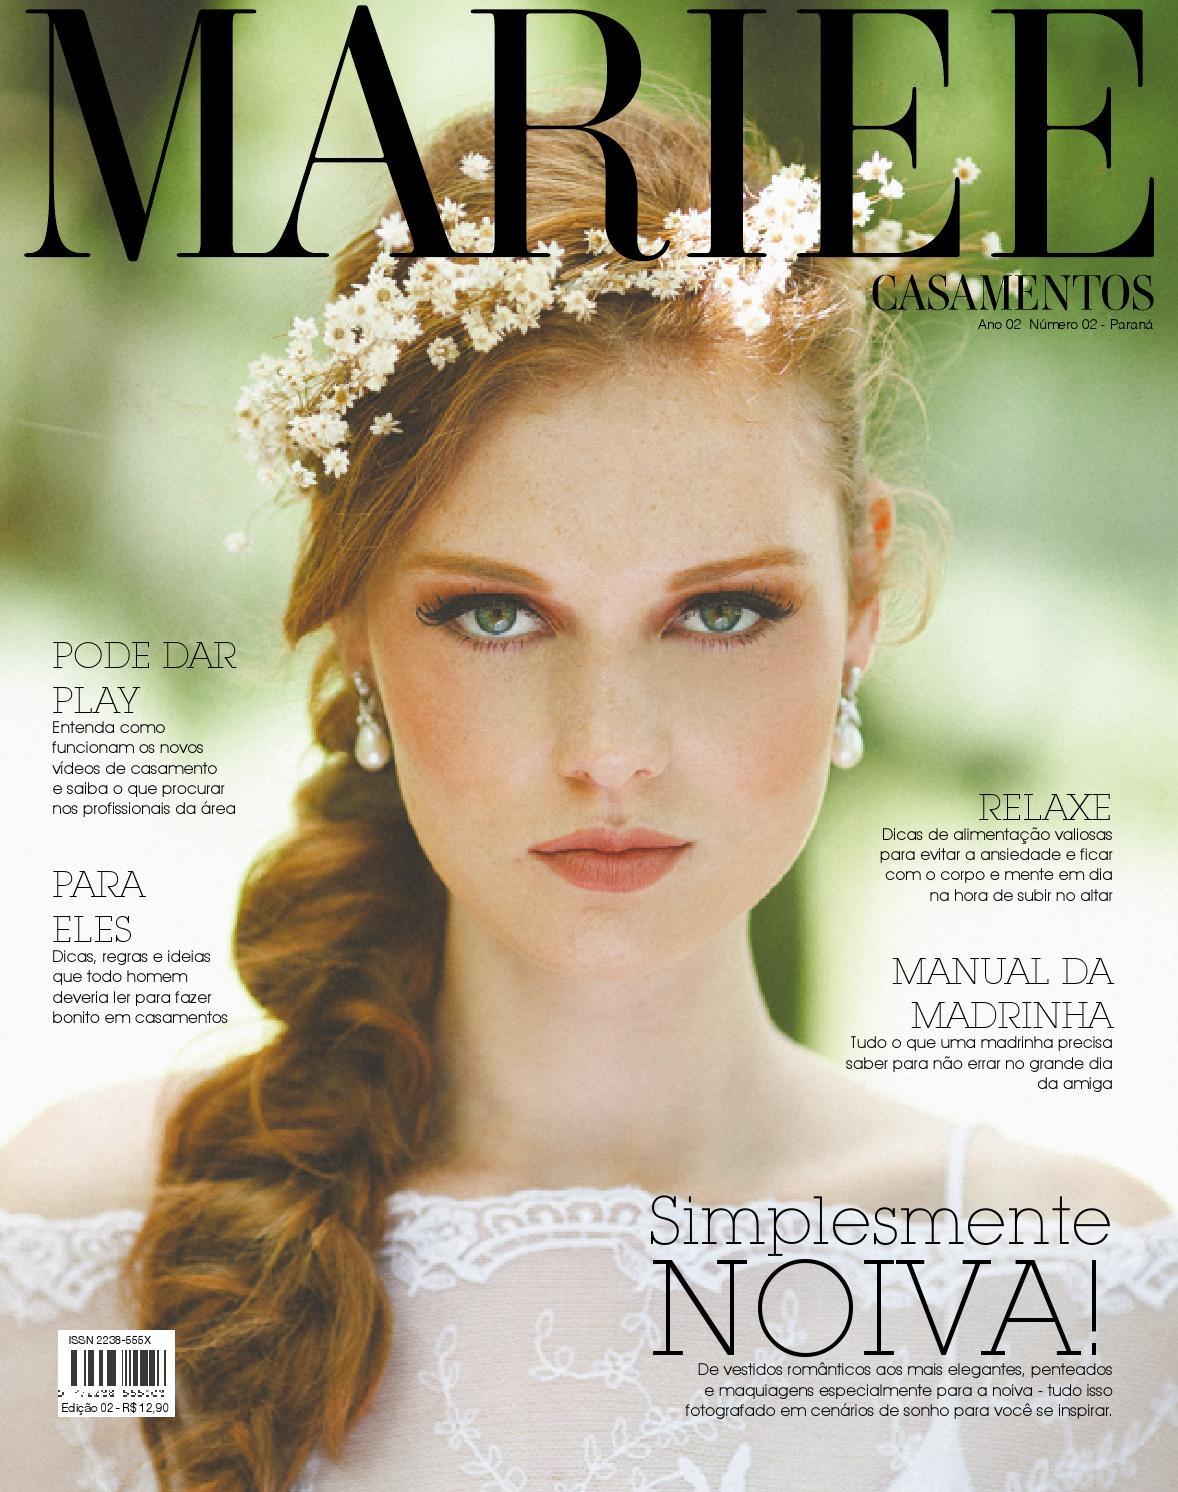 f31b8ecb6 Revista Mariée  2 by Mariée - issuu